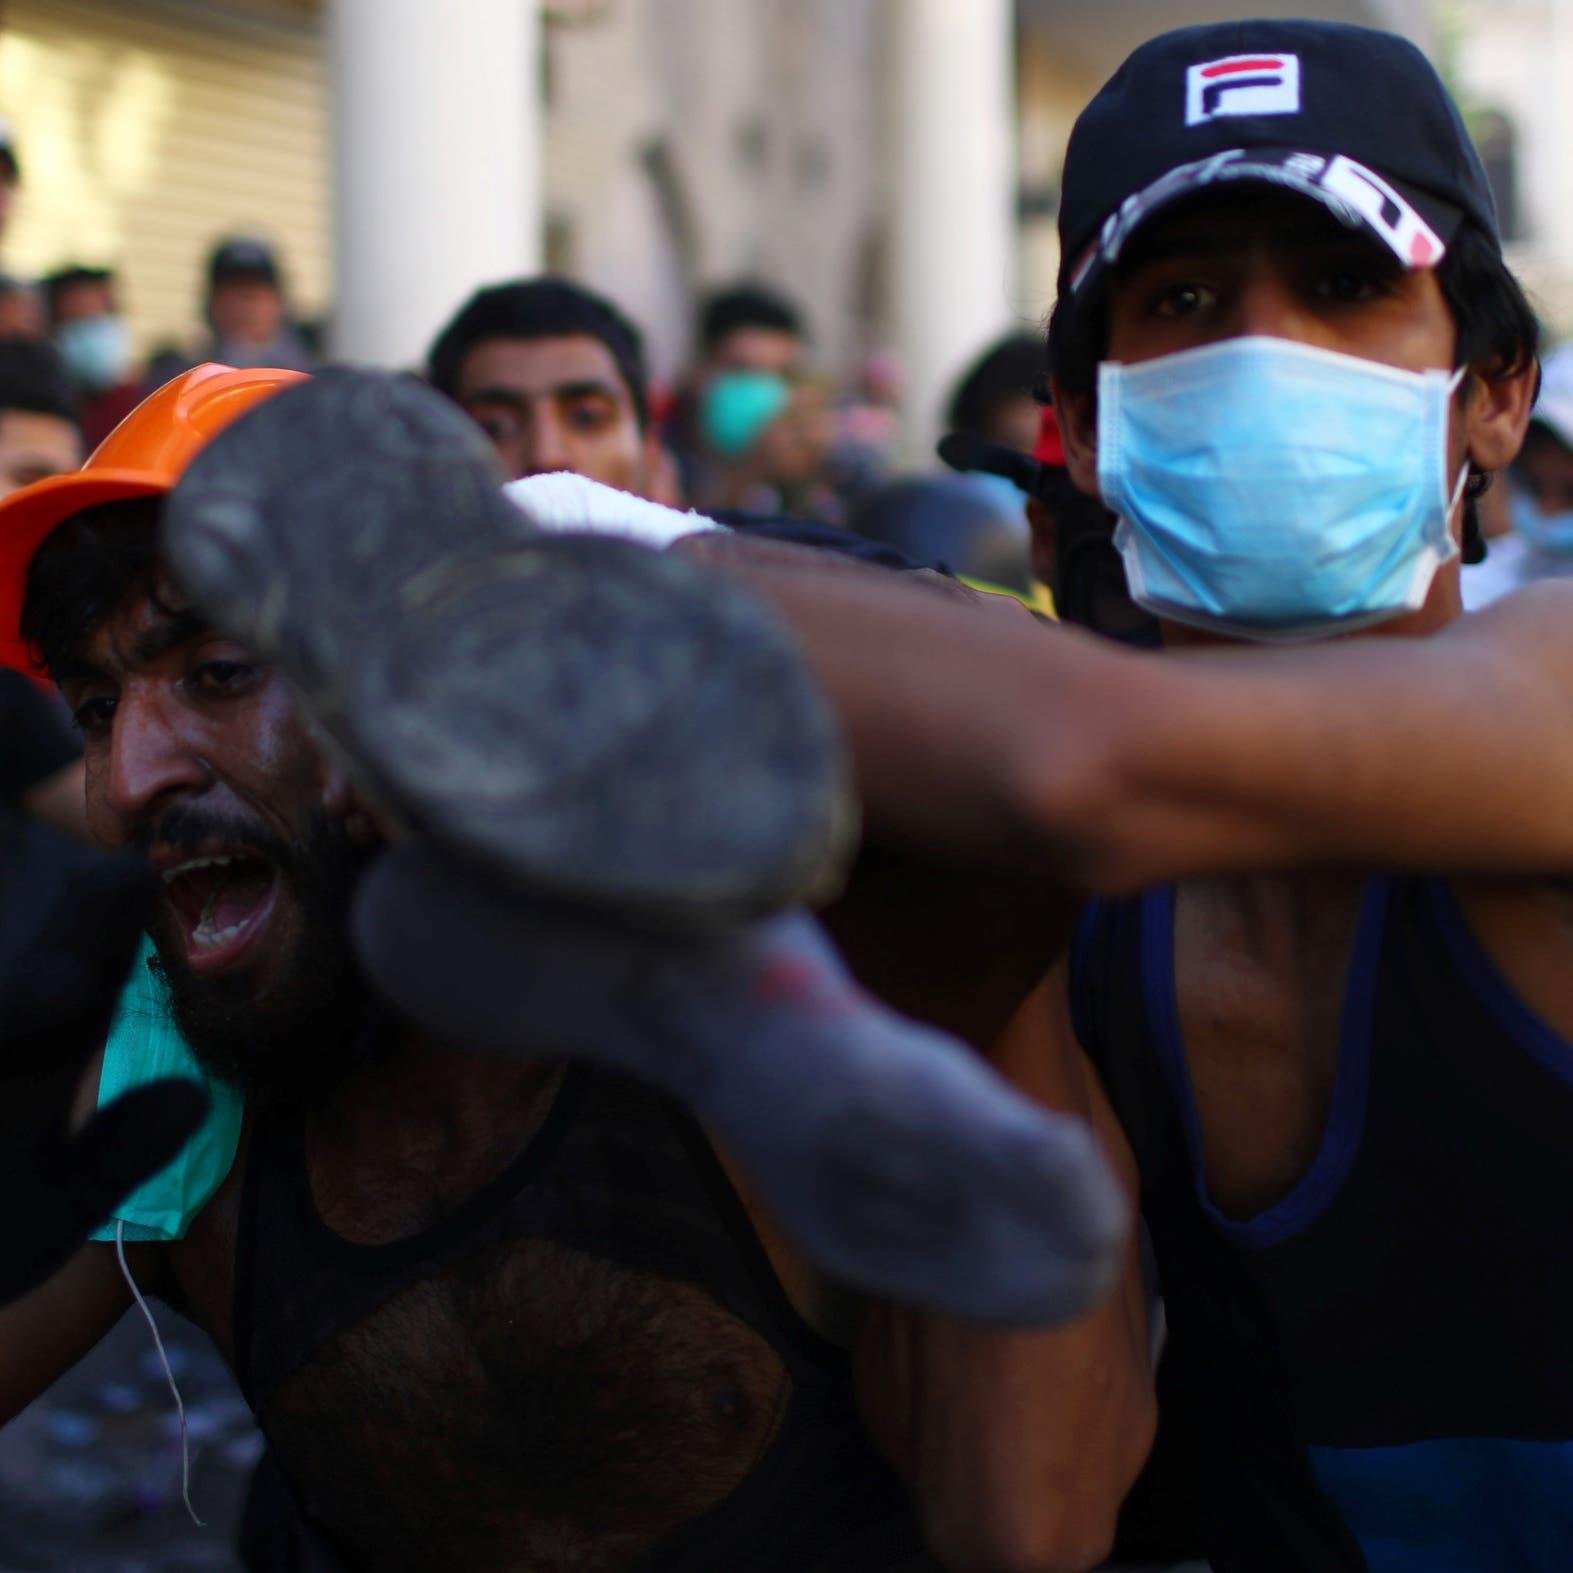 العراق.. 23 قتيلاً وألف مصاب خلال 5 أيام من التظاهرات